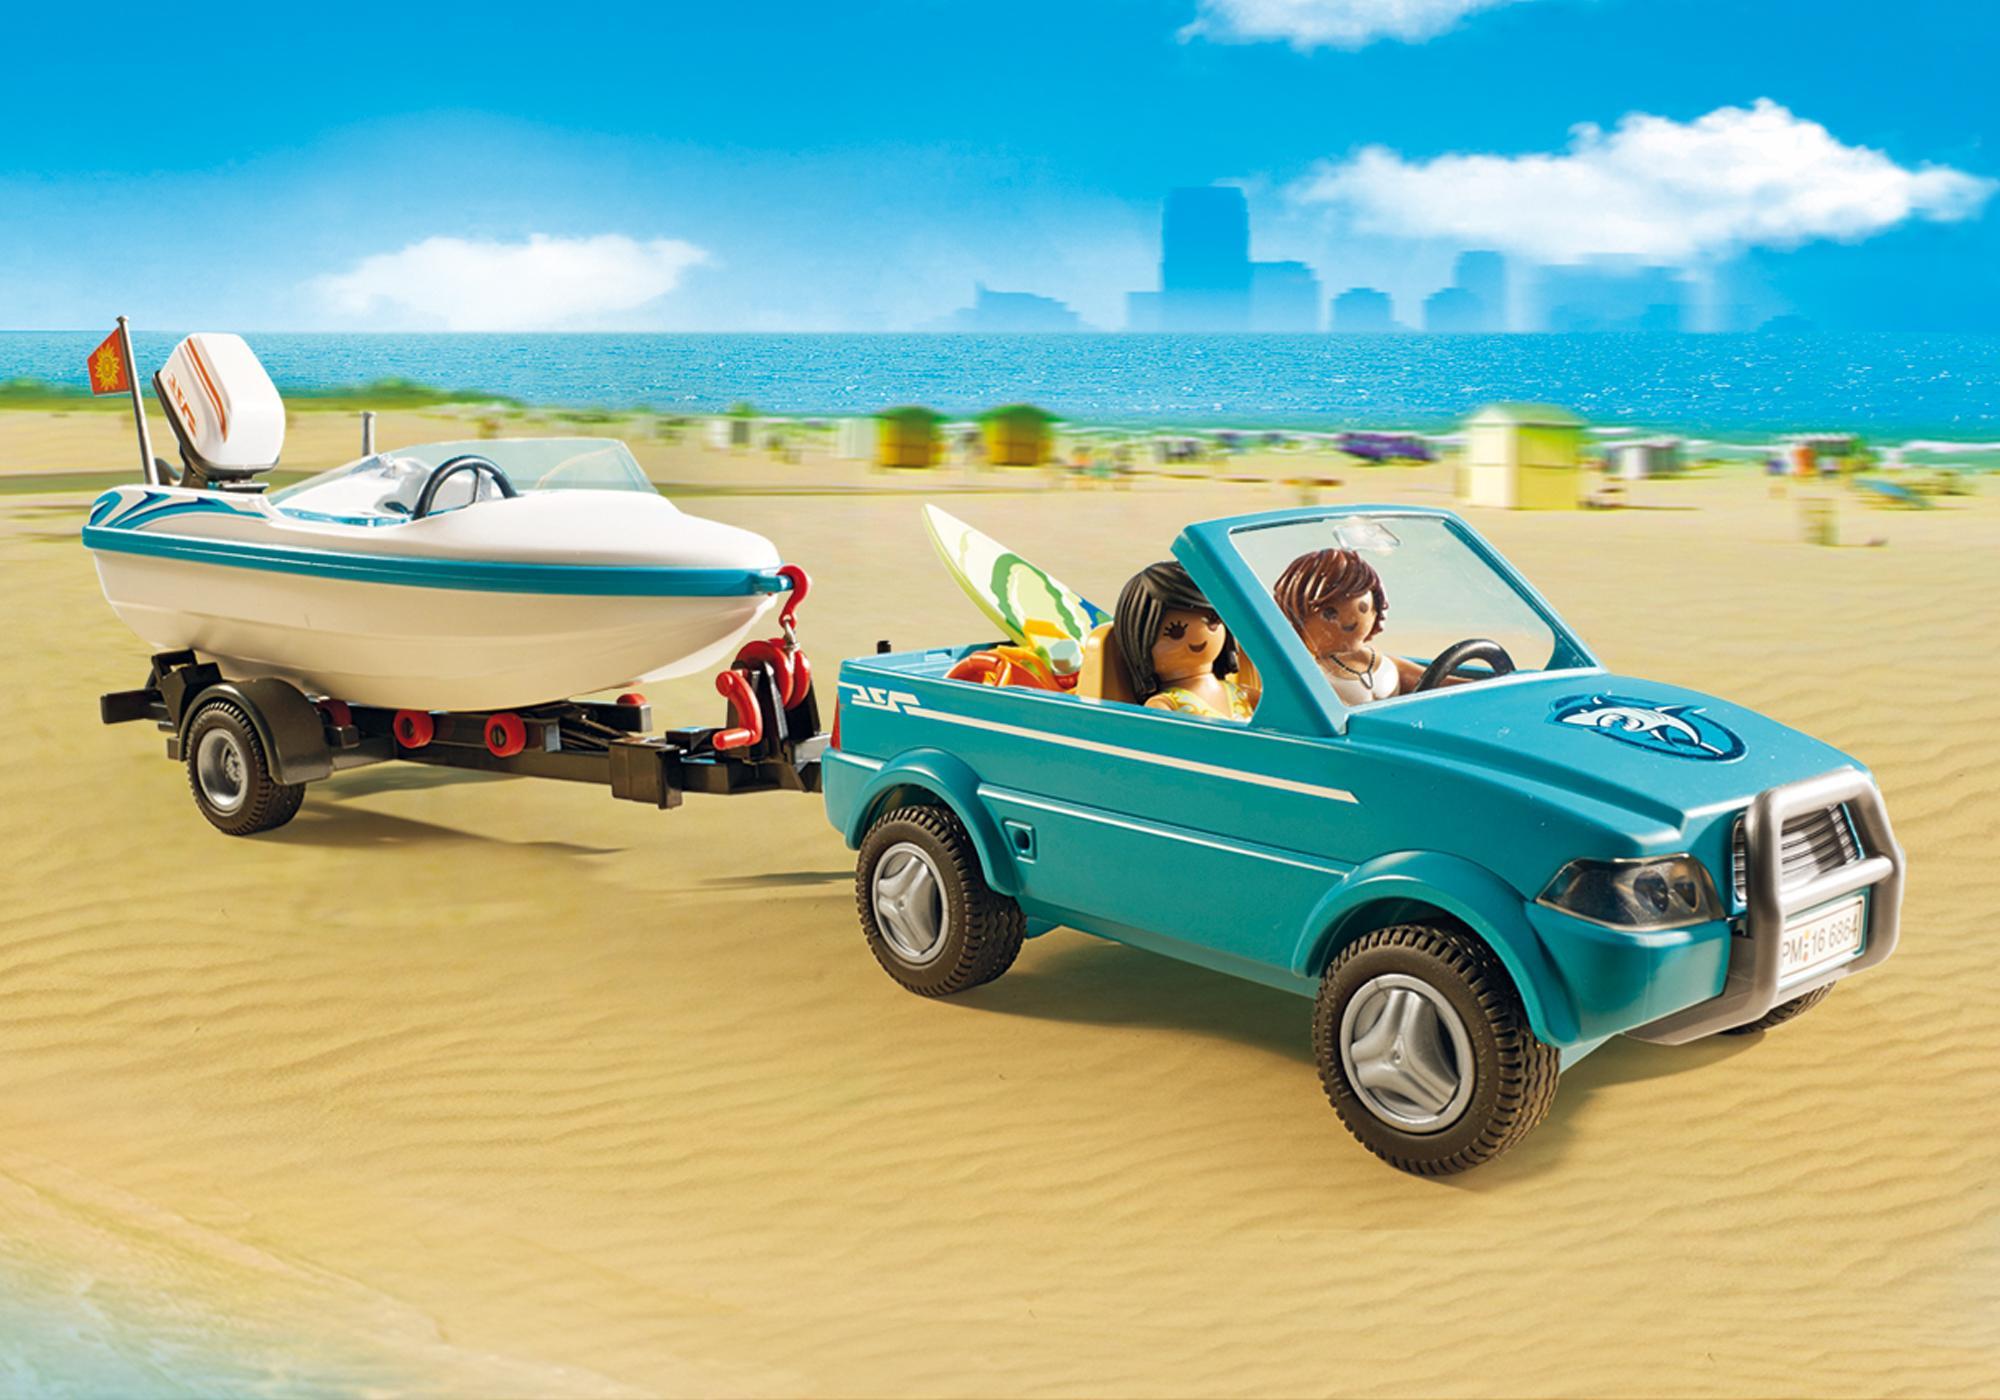 http://media.playmobil.com/i/playmobil/6864_product_extra4/Pick-up com barco